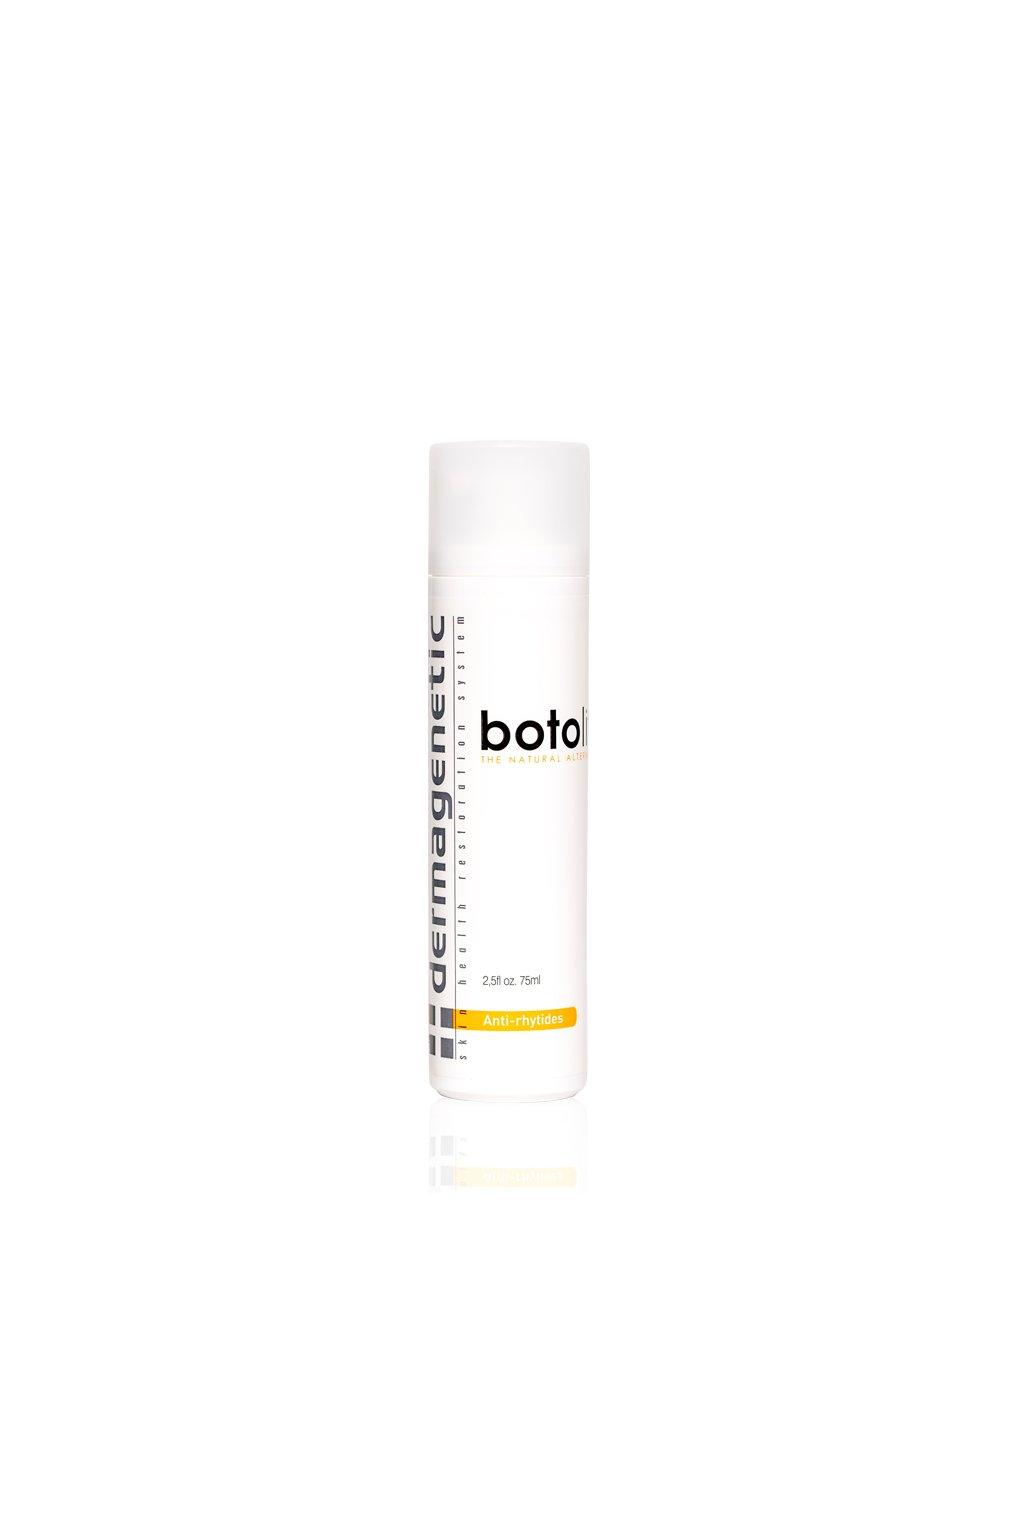 botolift 850